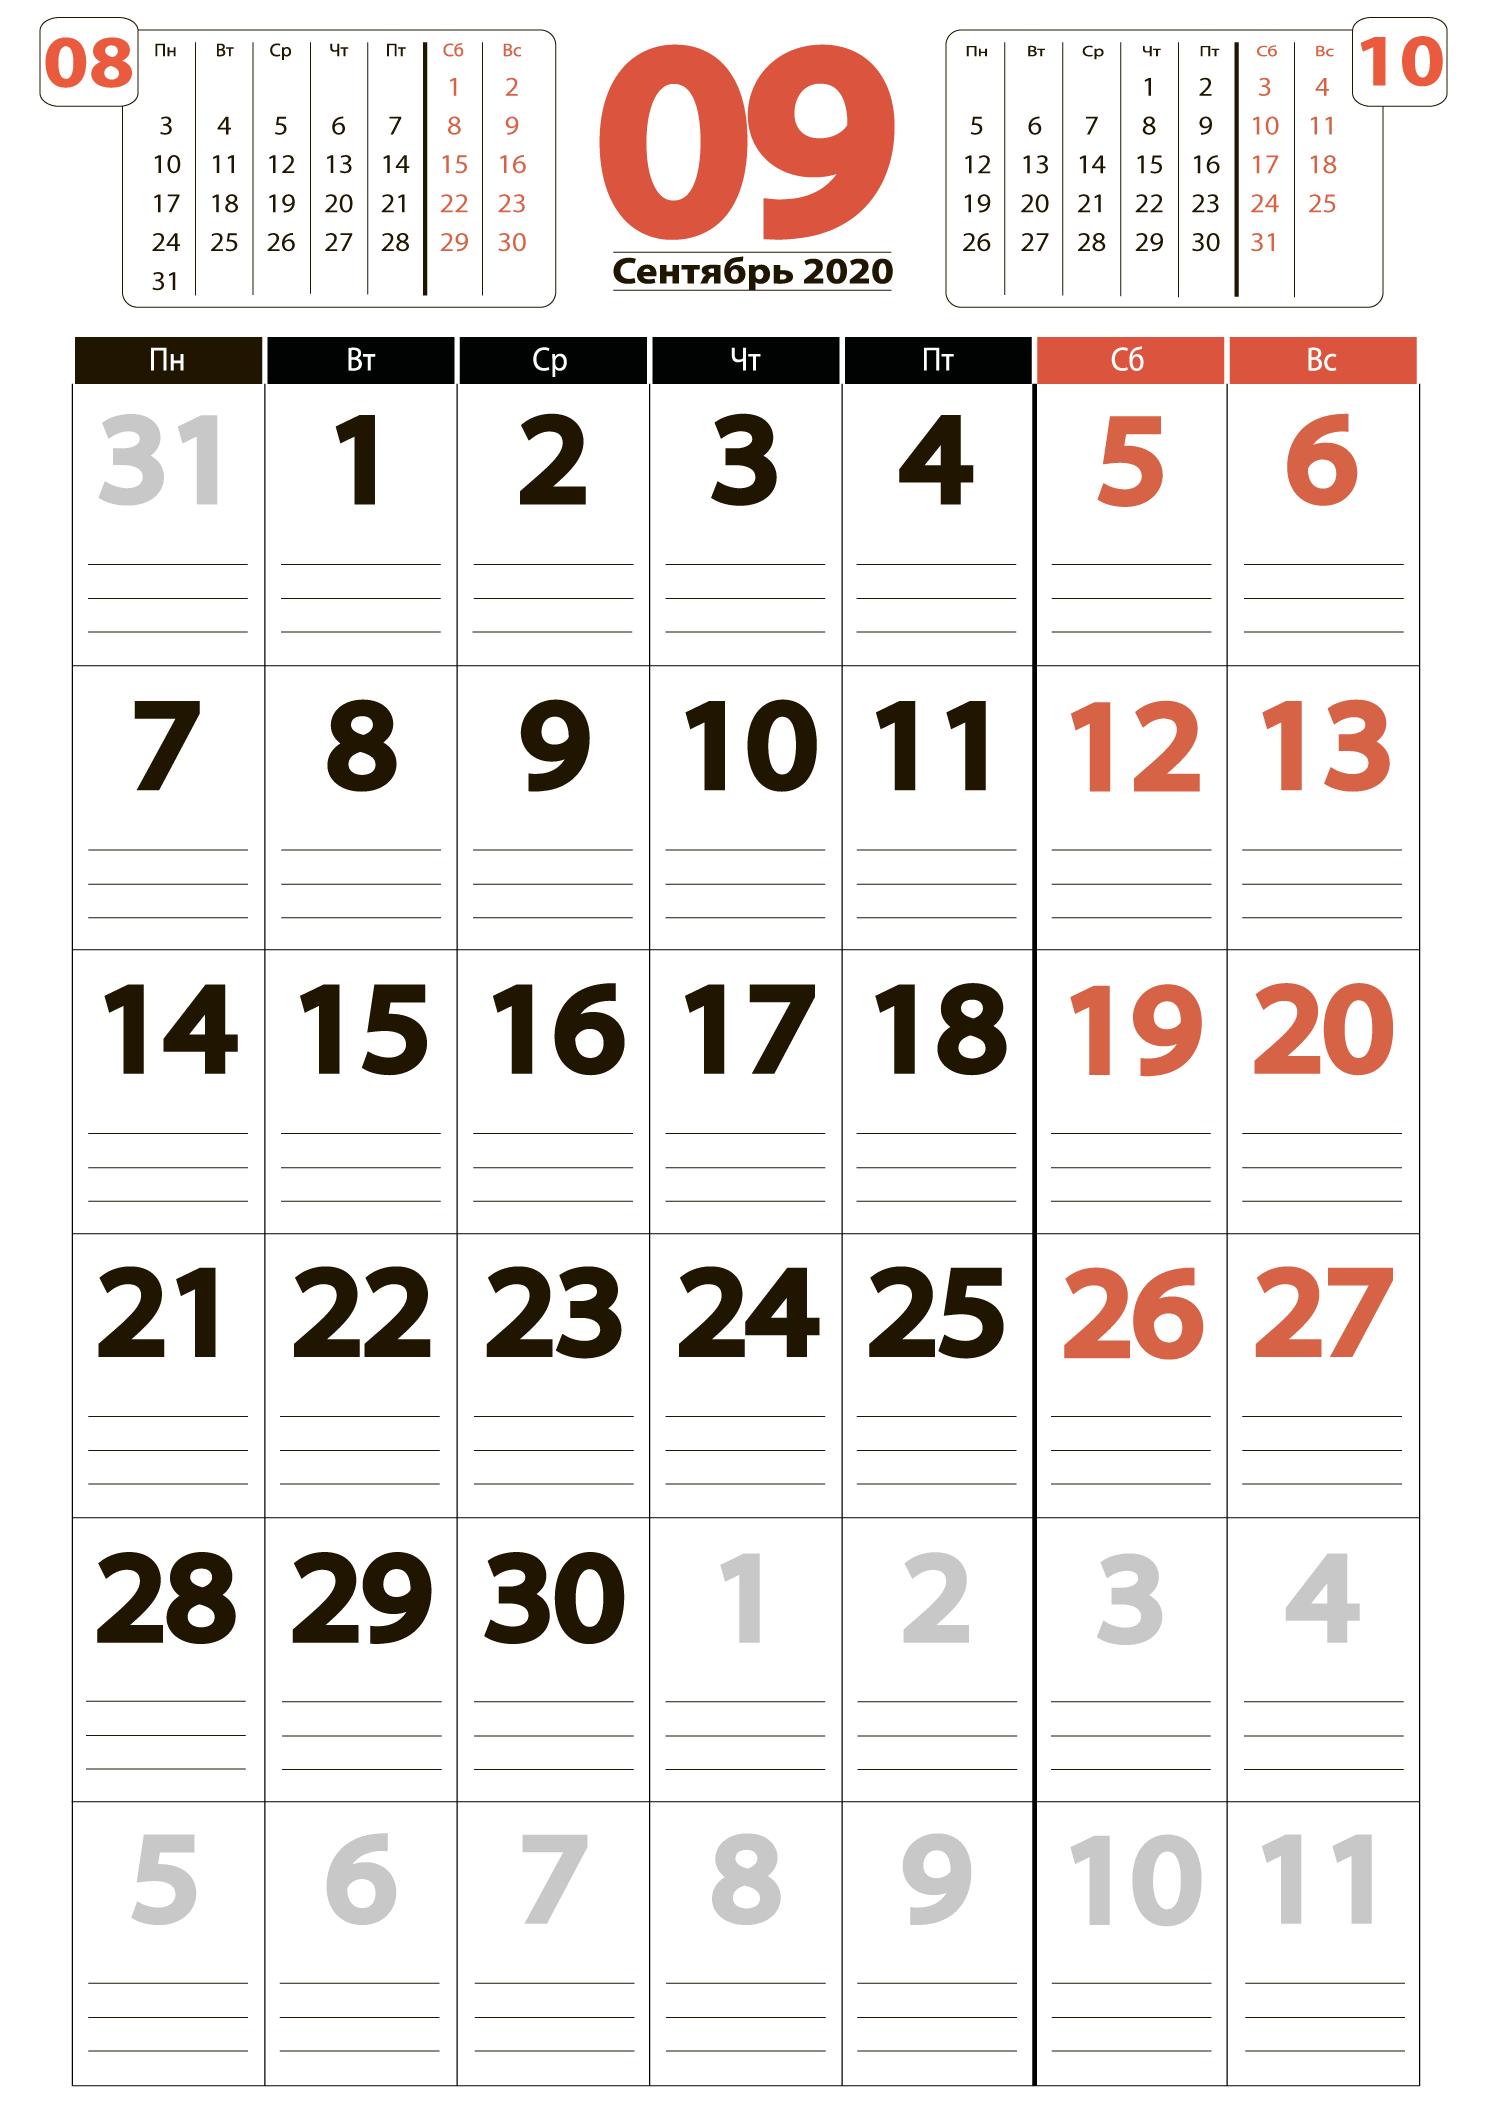 Календарь на сентябрь 2020 - скачать